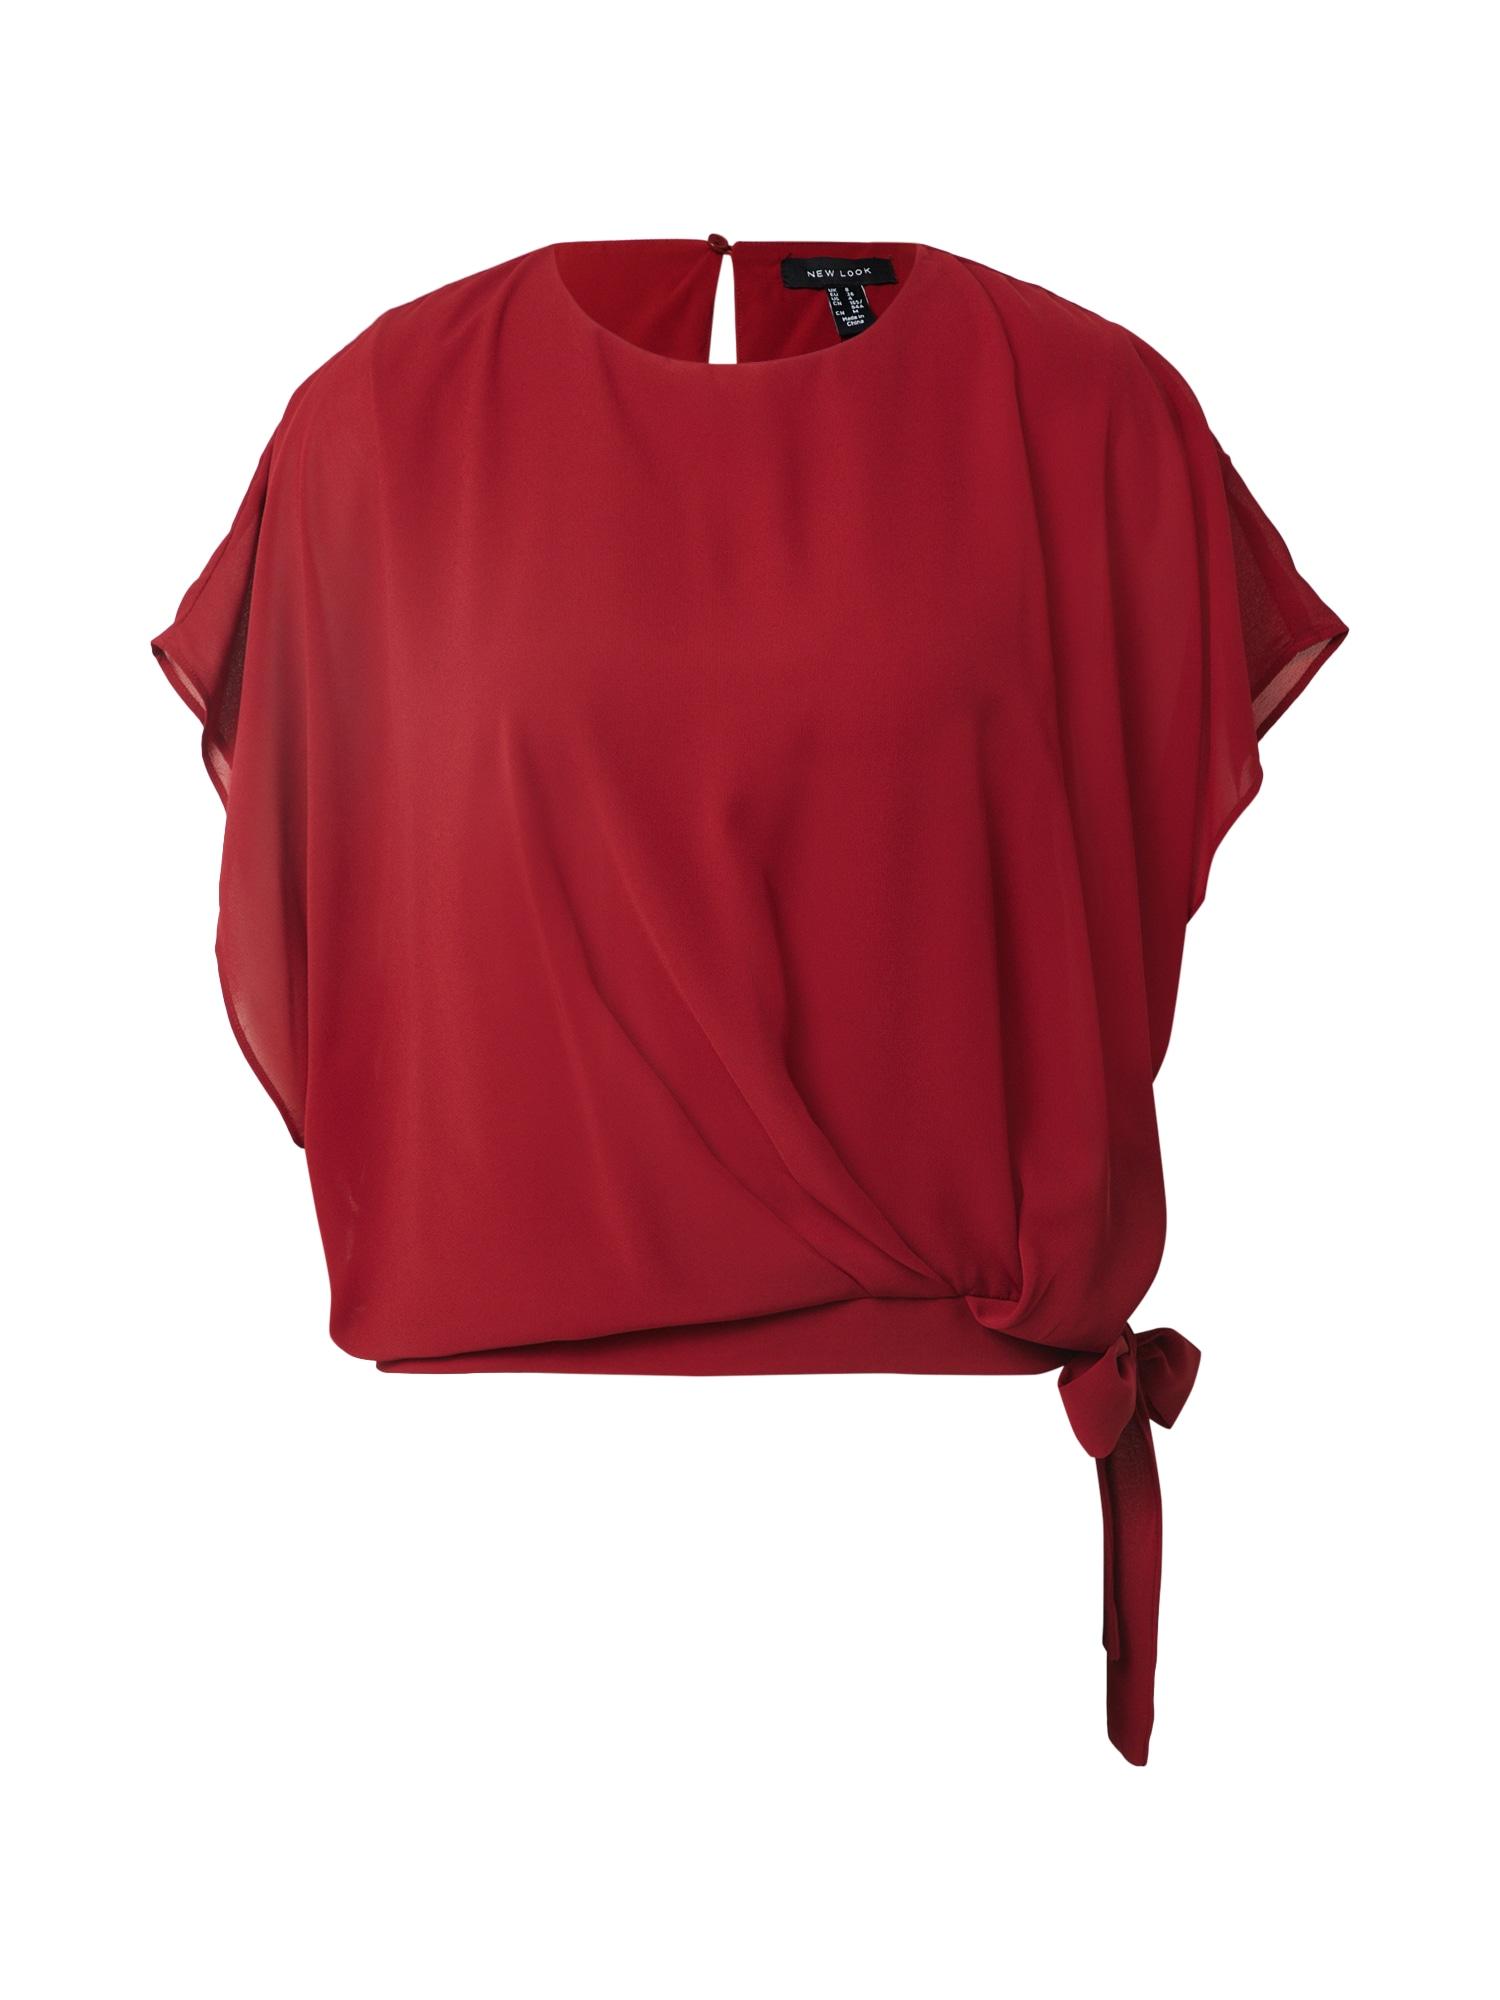 NEW LOOK Marškinėliai vyšninė spalva